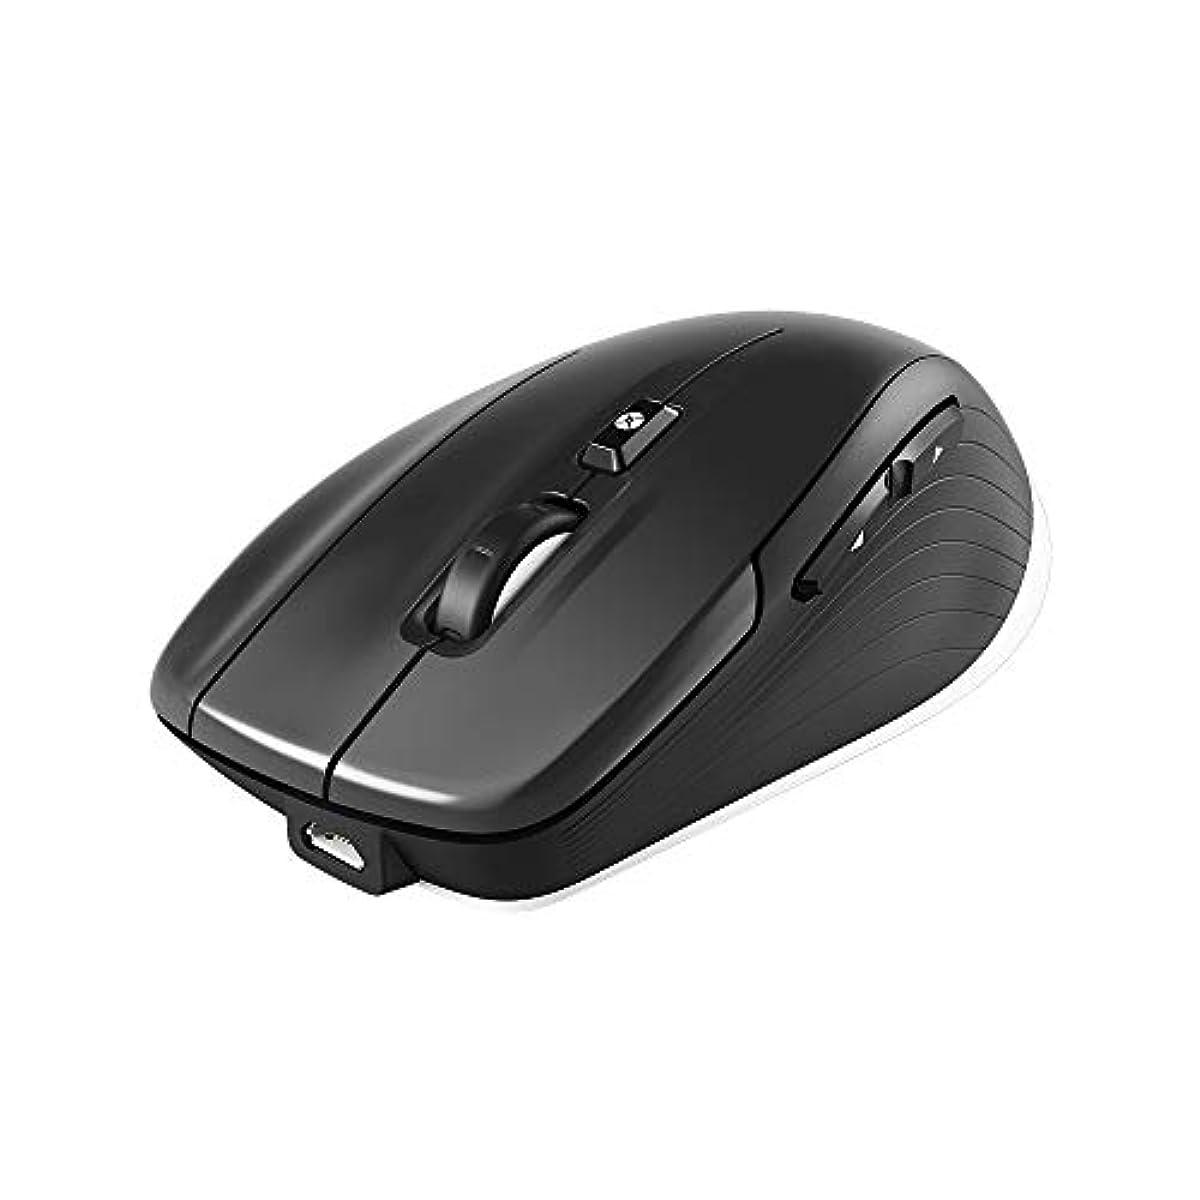 [해외] 3Dconnexion 무선 캐드 마우스 3DX-700062